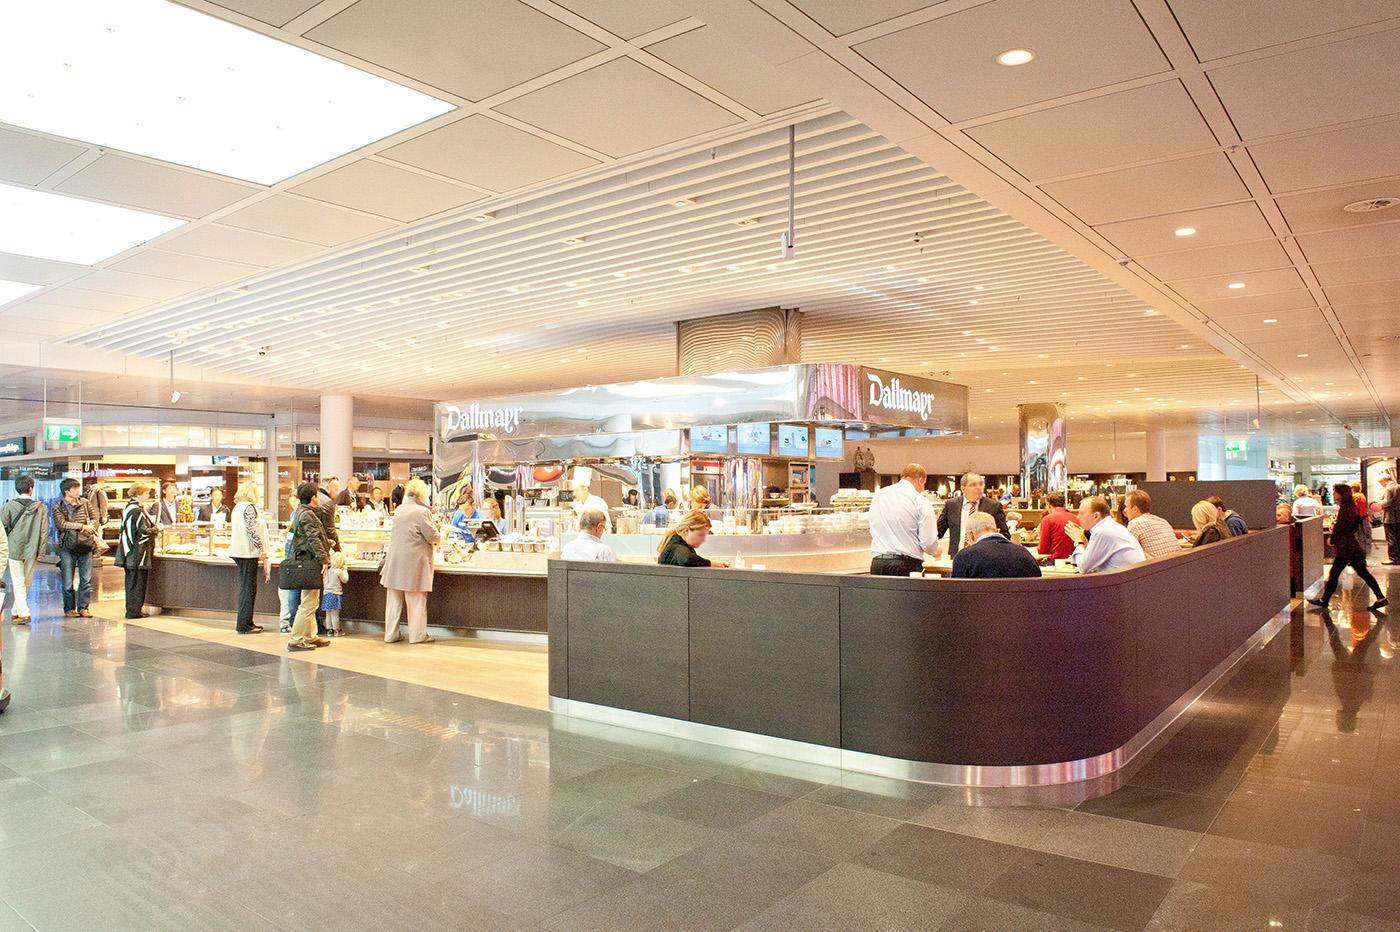 Rauffer - Dallmayr Flughafen München